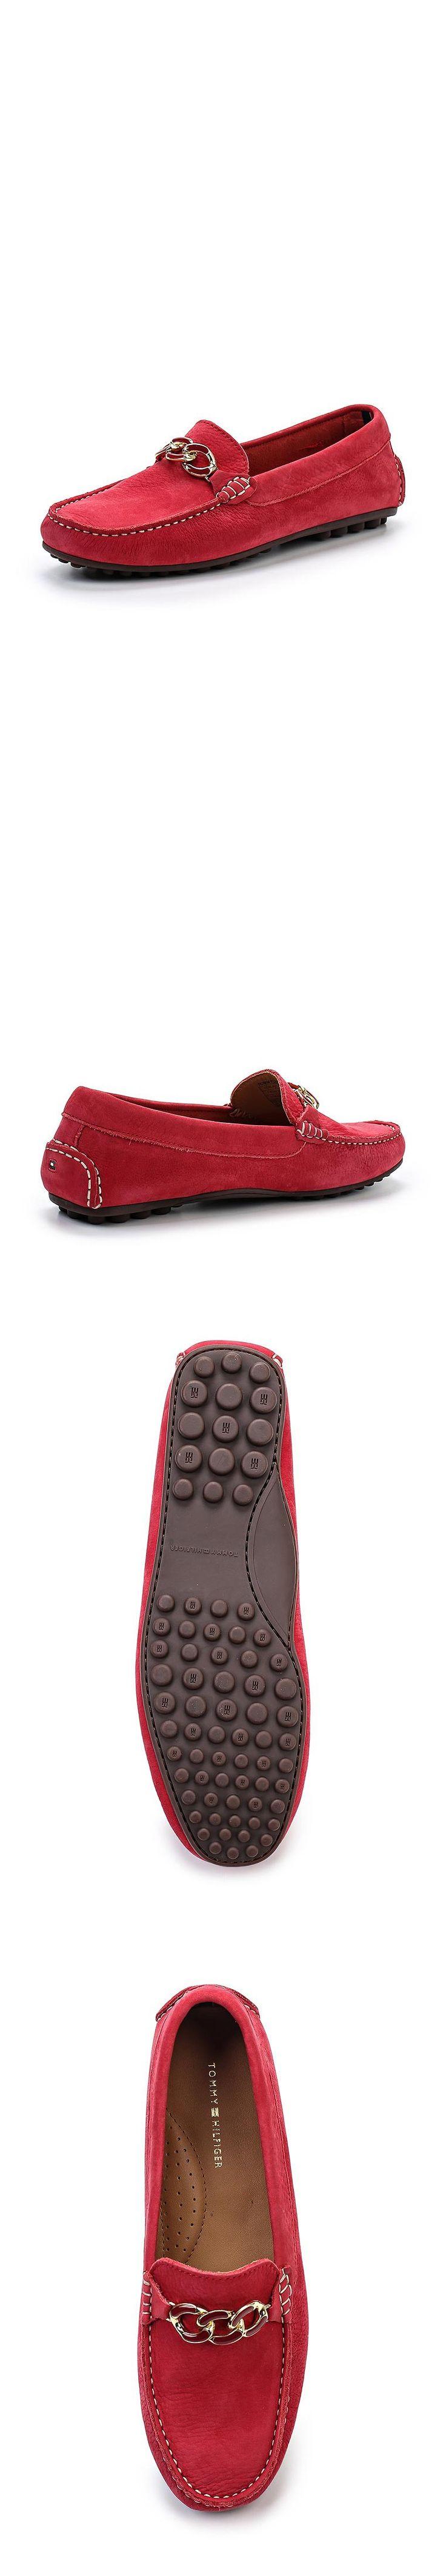 Женская обувь мокасины Tommy Hilfiger за 12990.00 руб.